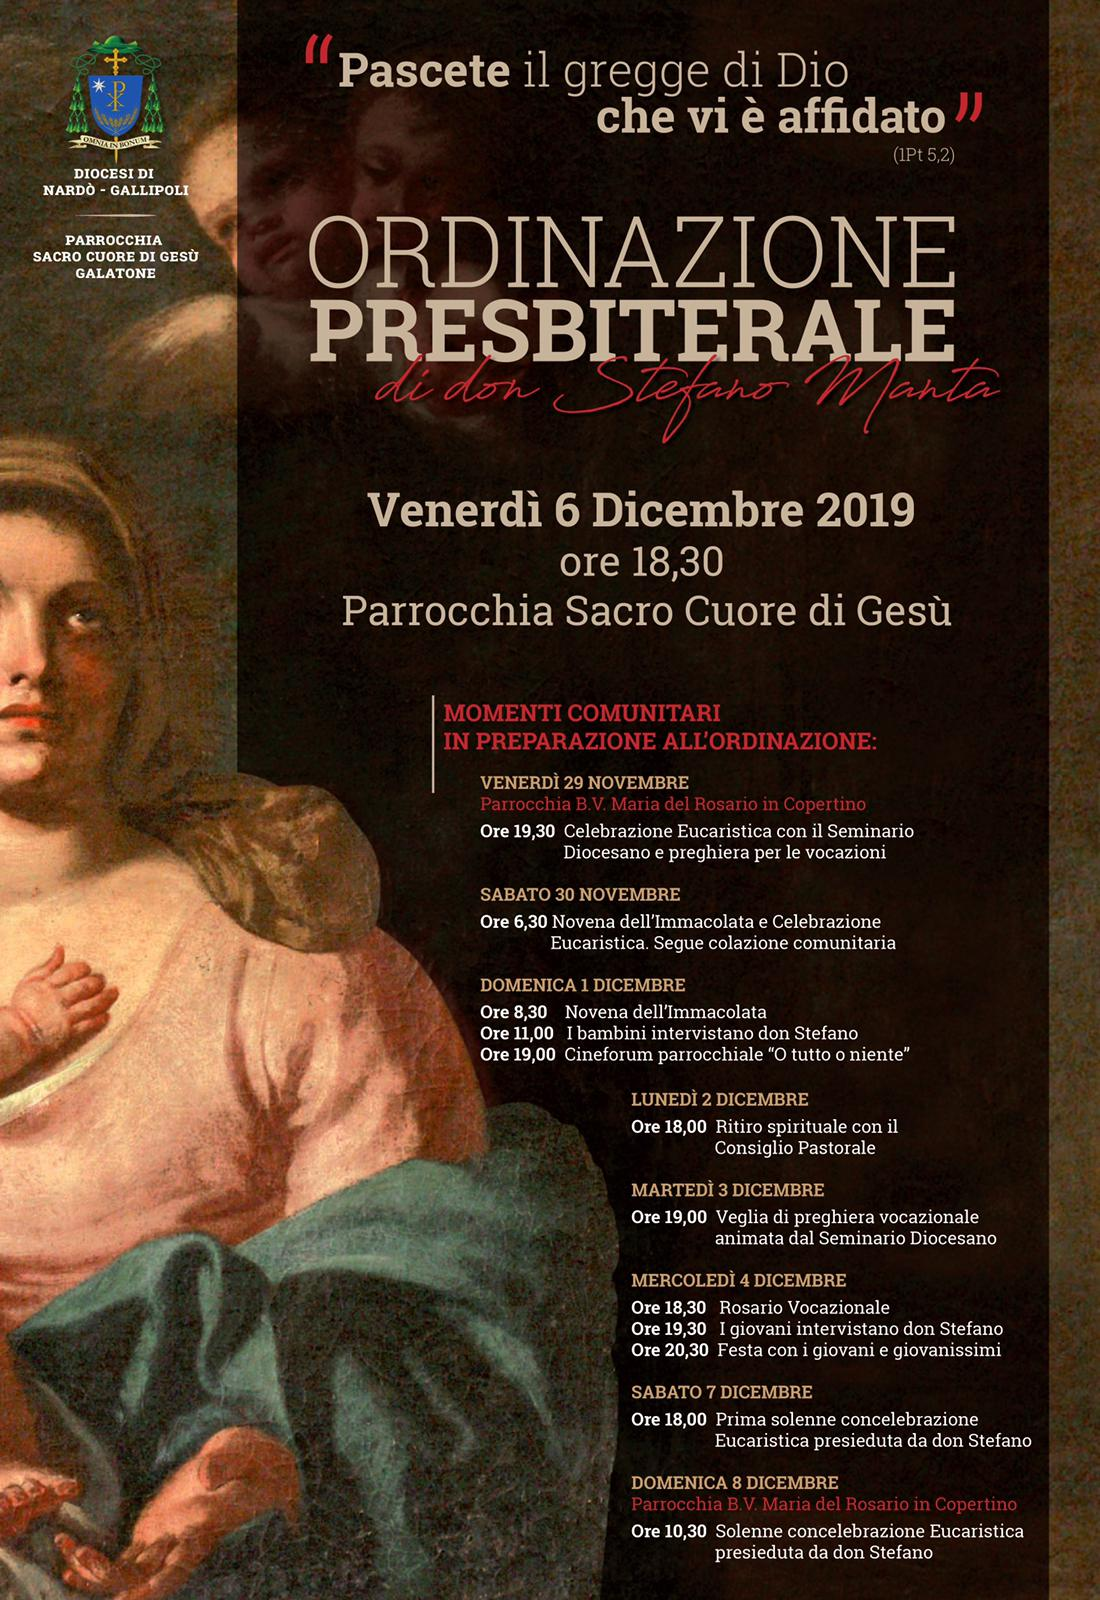 Ordinazione presbiterale di don Stefano Manta